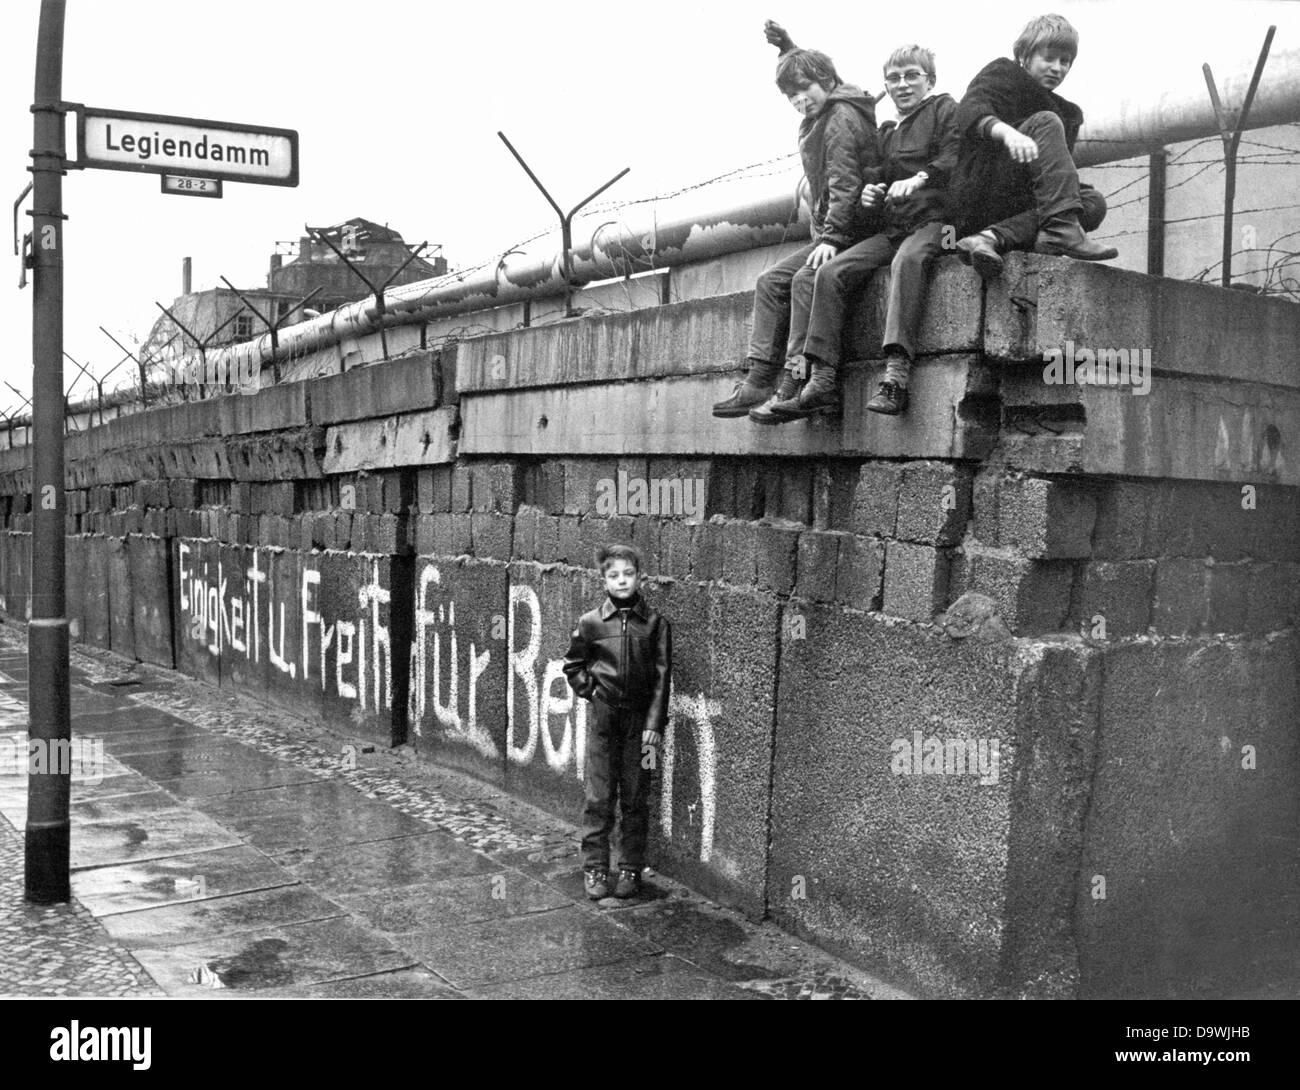 """Eine Gruppe von Kindern sitzt auf der Berliner Mauer an der """"Legiendamm"""" in der West-Berliner Bezirk Kreuzberg, Stockbild"""